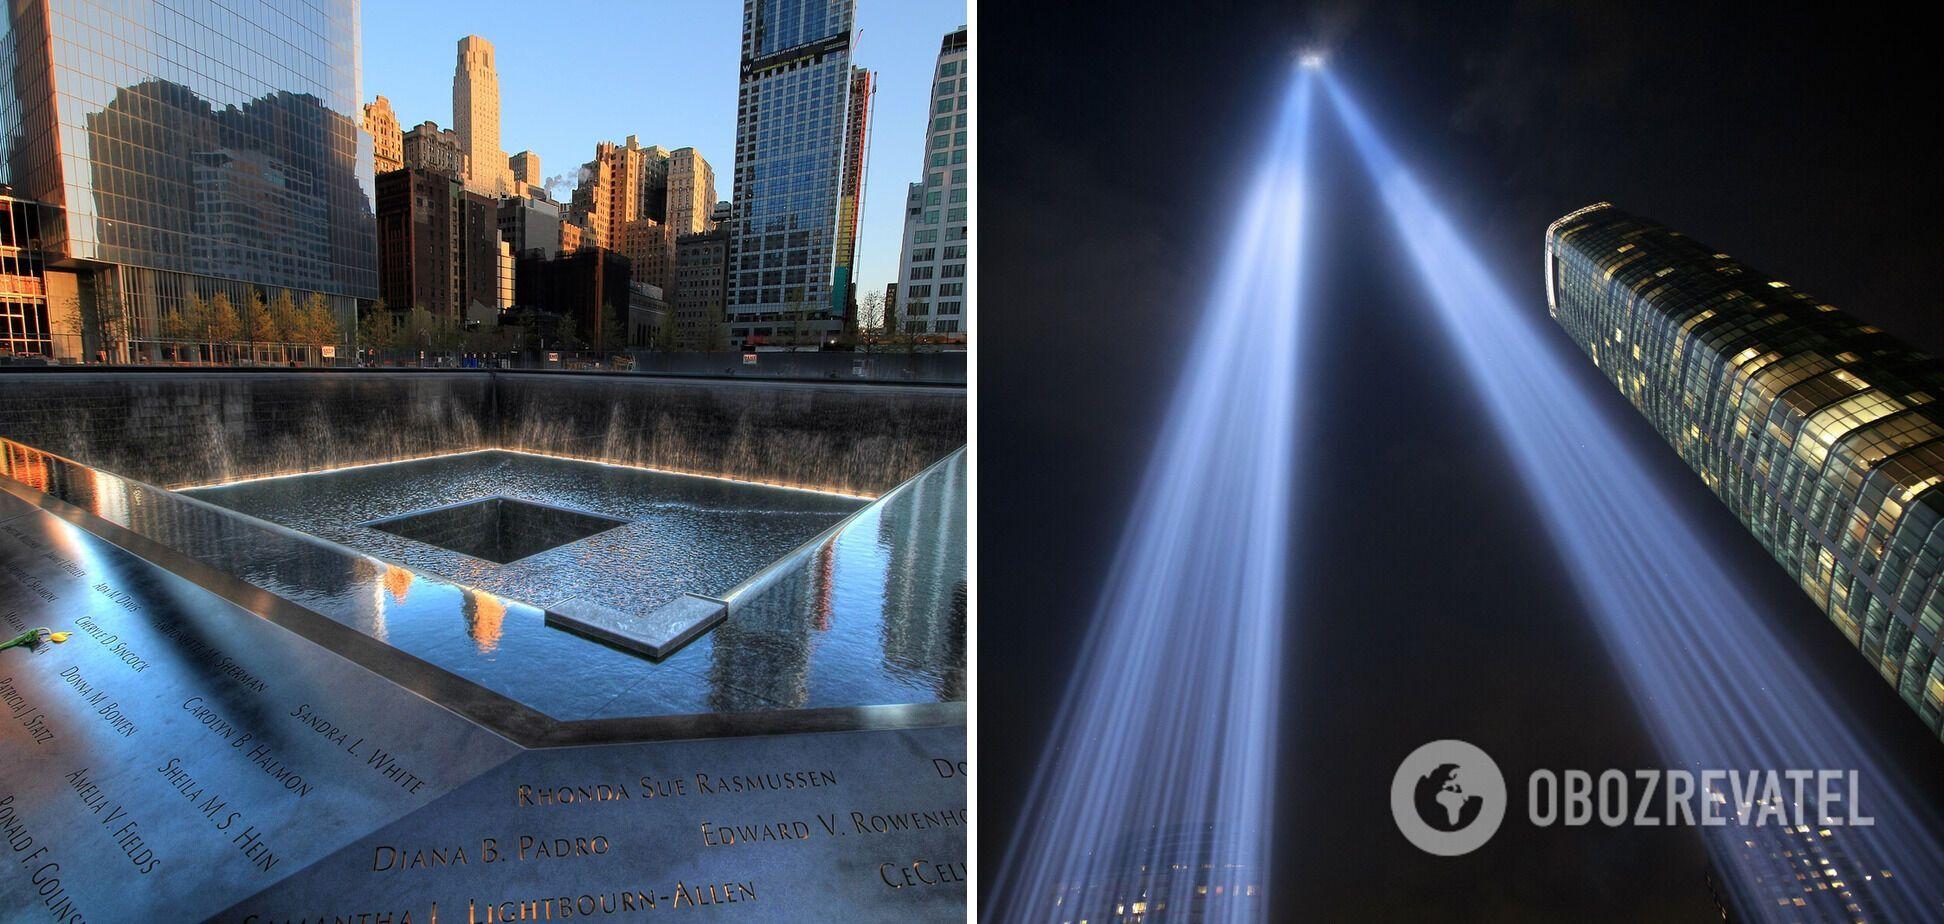 Мемориал, посвященный жертвам теракта 9/11